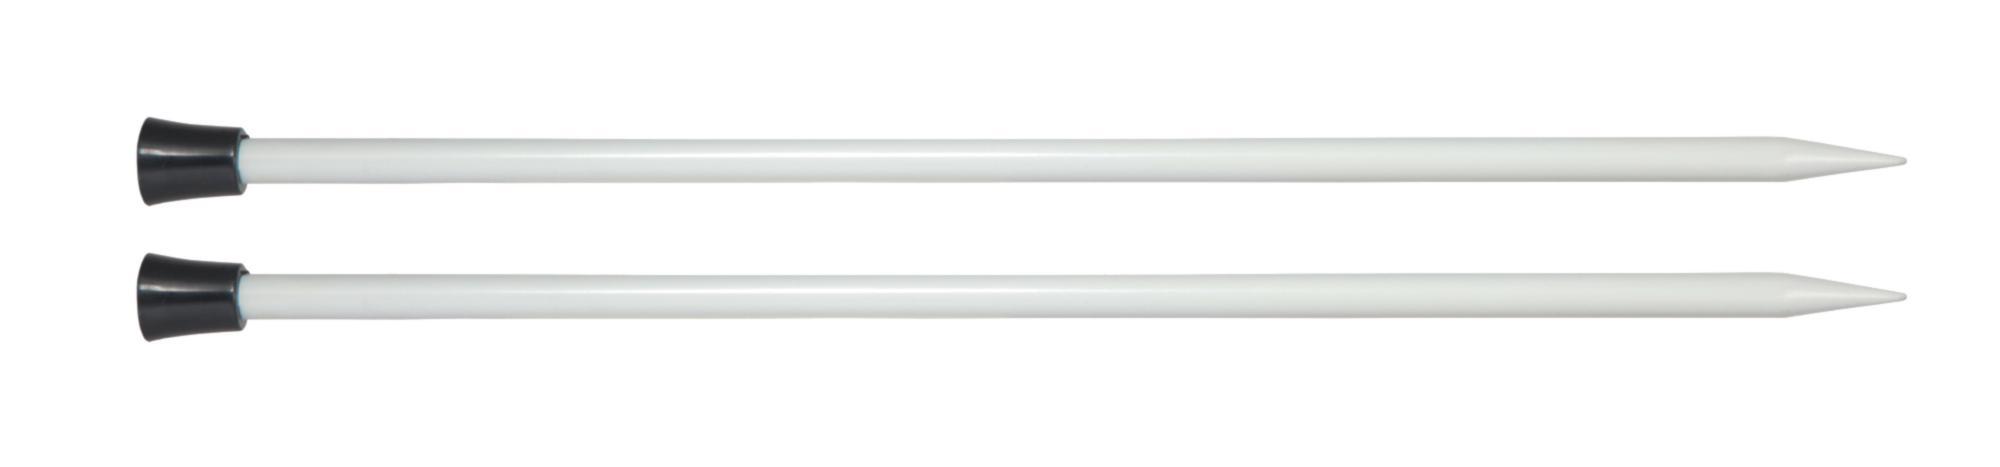 Спицы прямые 35 см Basix Aluminium KnitPro, 45268, 2.25 мм